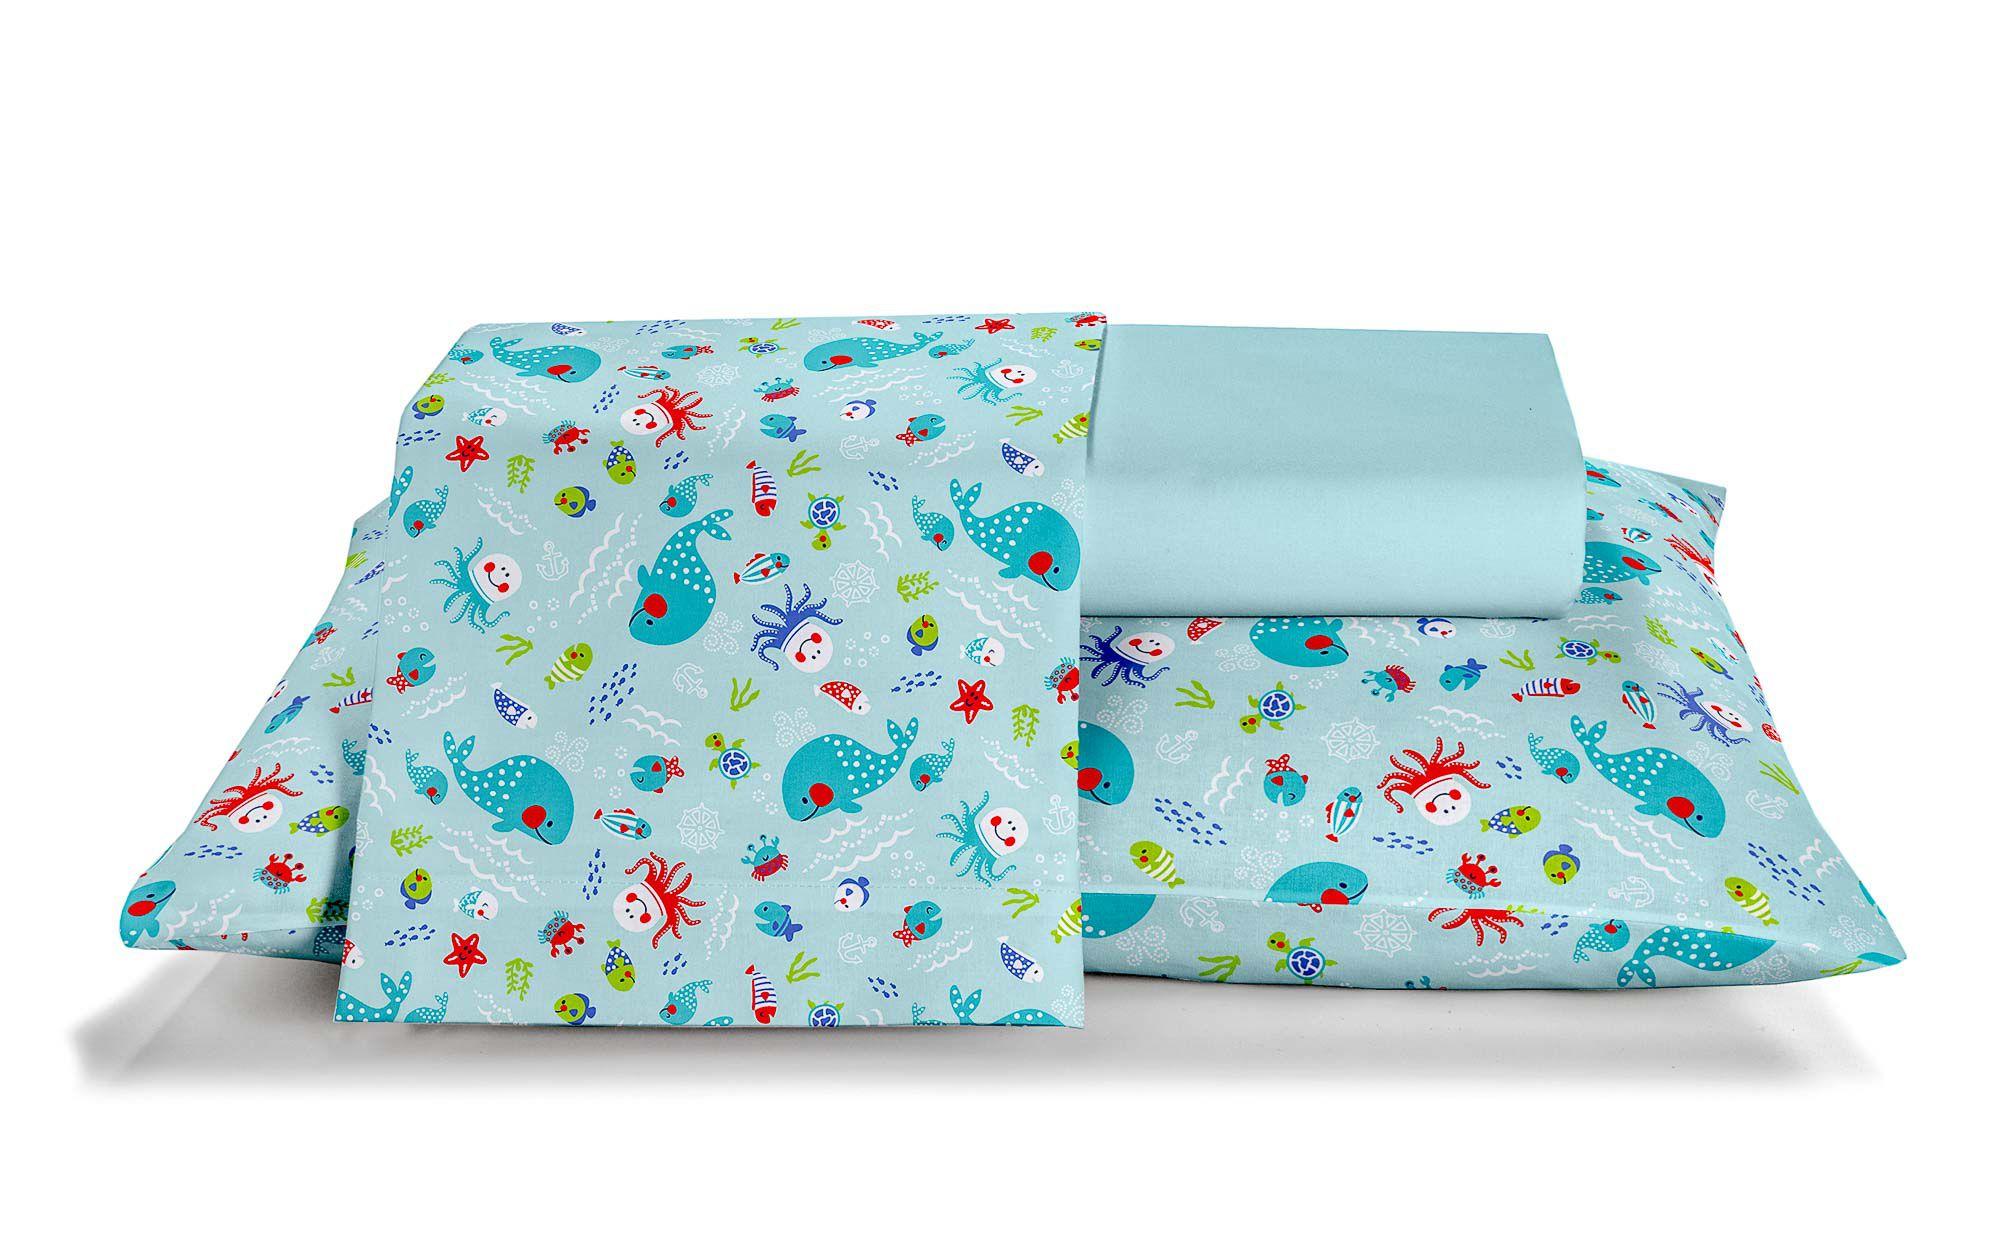 Jogo de berço santista lençol baby glub piscina 100% algodao